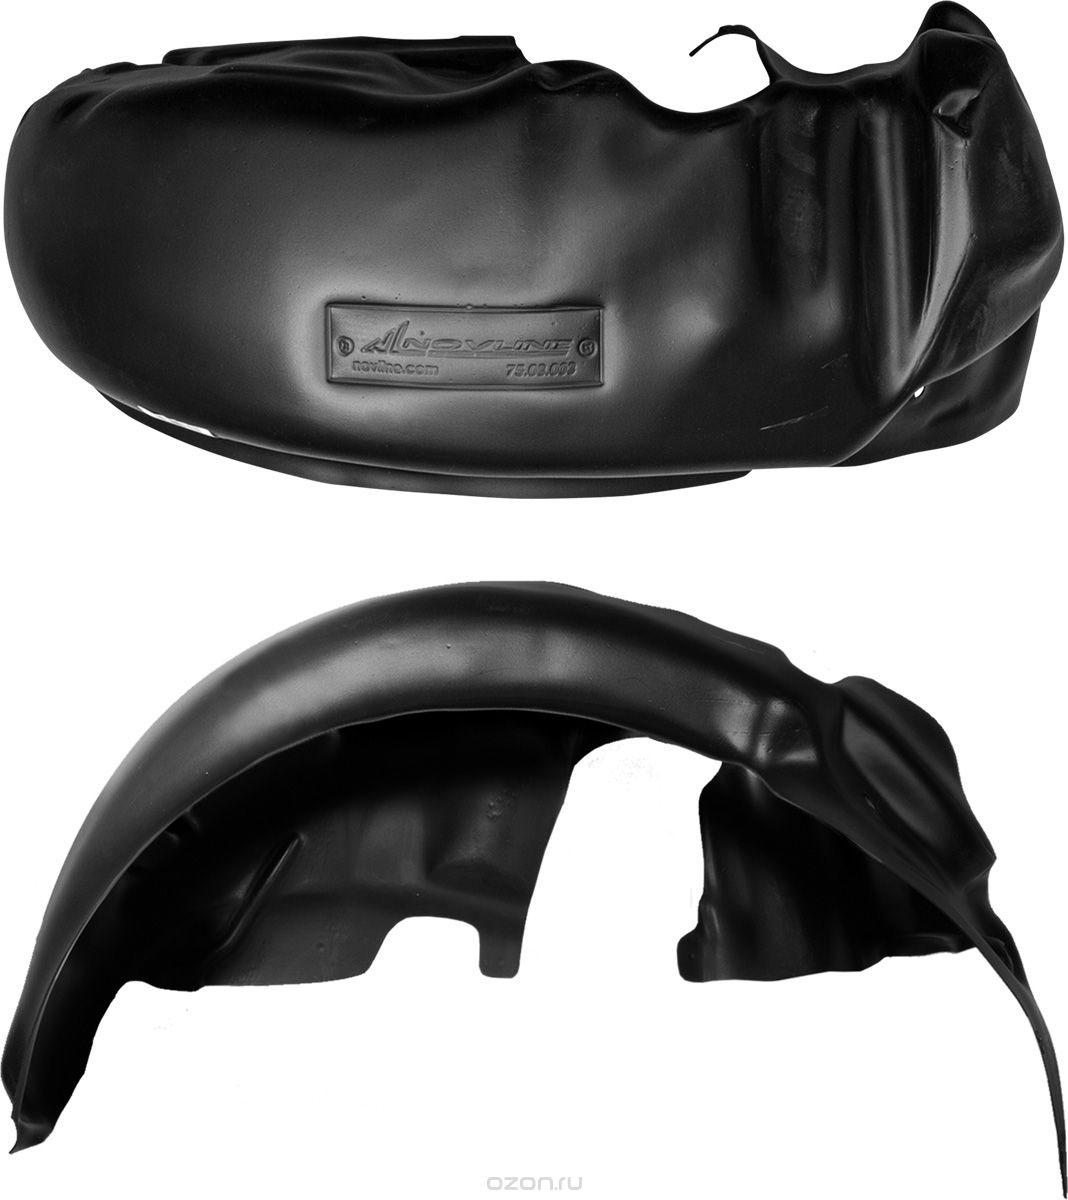 Подкрылок Novline-Autofamily, для TOYOTA Hilux, 09/2015->, пик., передний левыйNLL.48.62.001Идеальная защита колесной ниши. Локеры разработаны с применением цифровых технологий, гарантируют максимальную повторяемость поверхности арки. Изделия устанавливаются без нарушения лакокрасочного покрытия автомобиля, каждый подкрылок комплектуется крепежом. Уважаемые клиенты, обращаем ваше внимание, что фотографии на подкрылки универсальные и не отражают реальную форму изделия. При этом само изделие идет точно под размер указанного автомобиля.